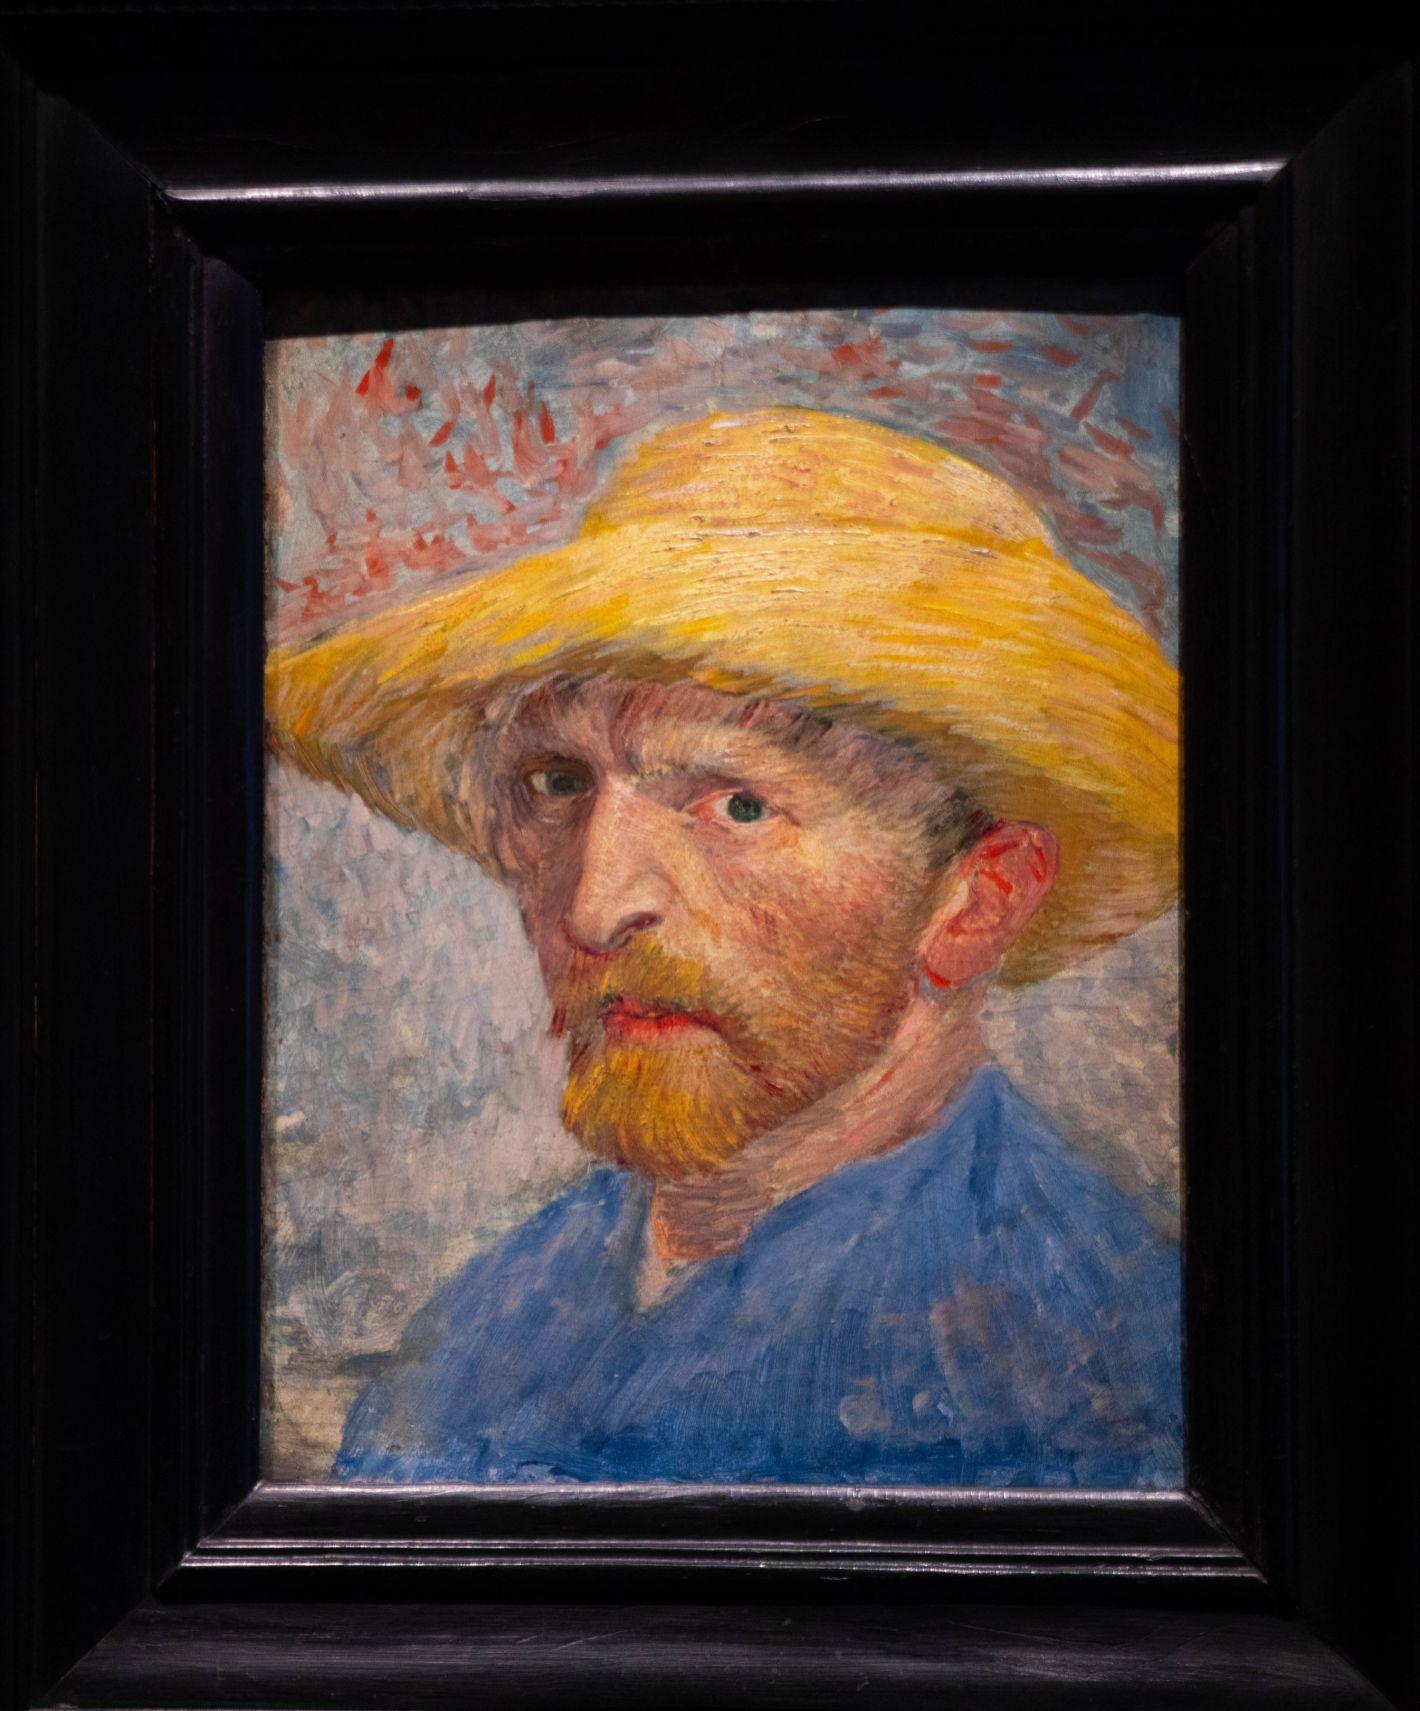 Detroit Travel Guide Detroit Institute of Arts Vincent Van Gogh Painting